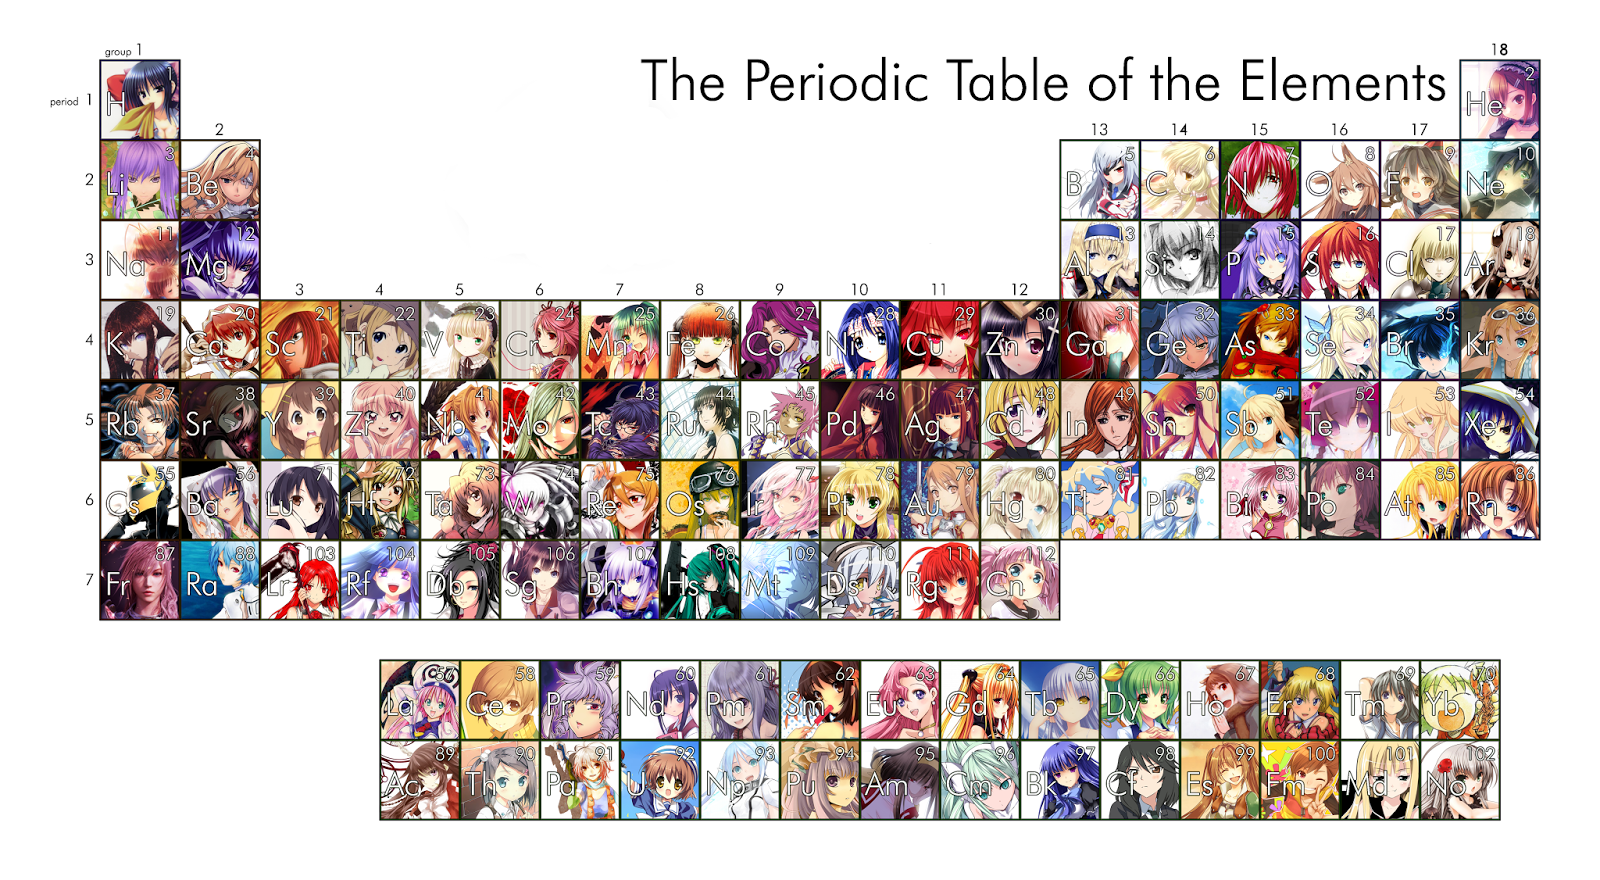 El coloquio de las musas tabla peridica de chicas anime lista de chicas anime dentro de esta tabla peridica urtaz Image collections